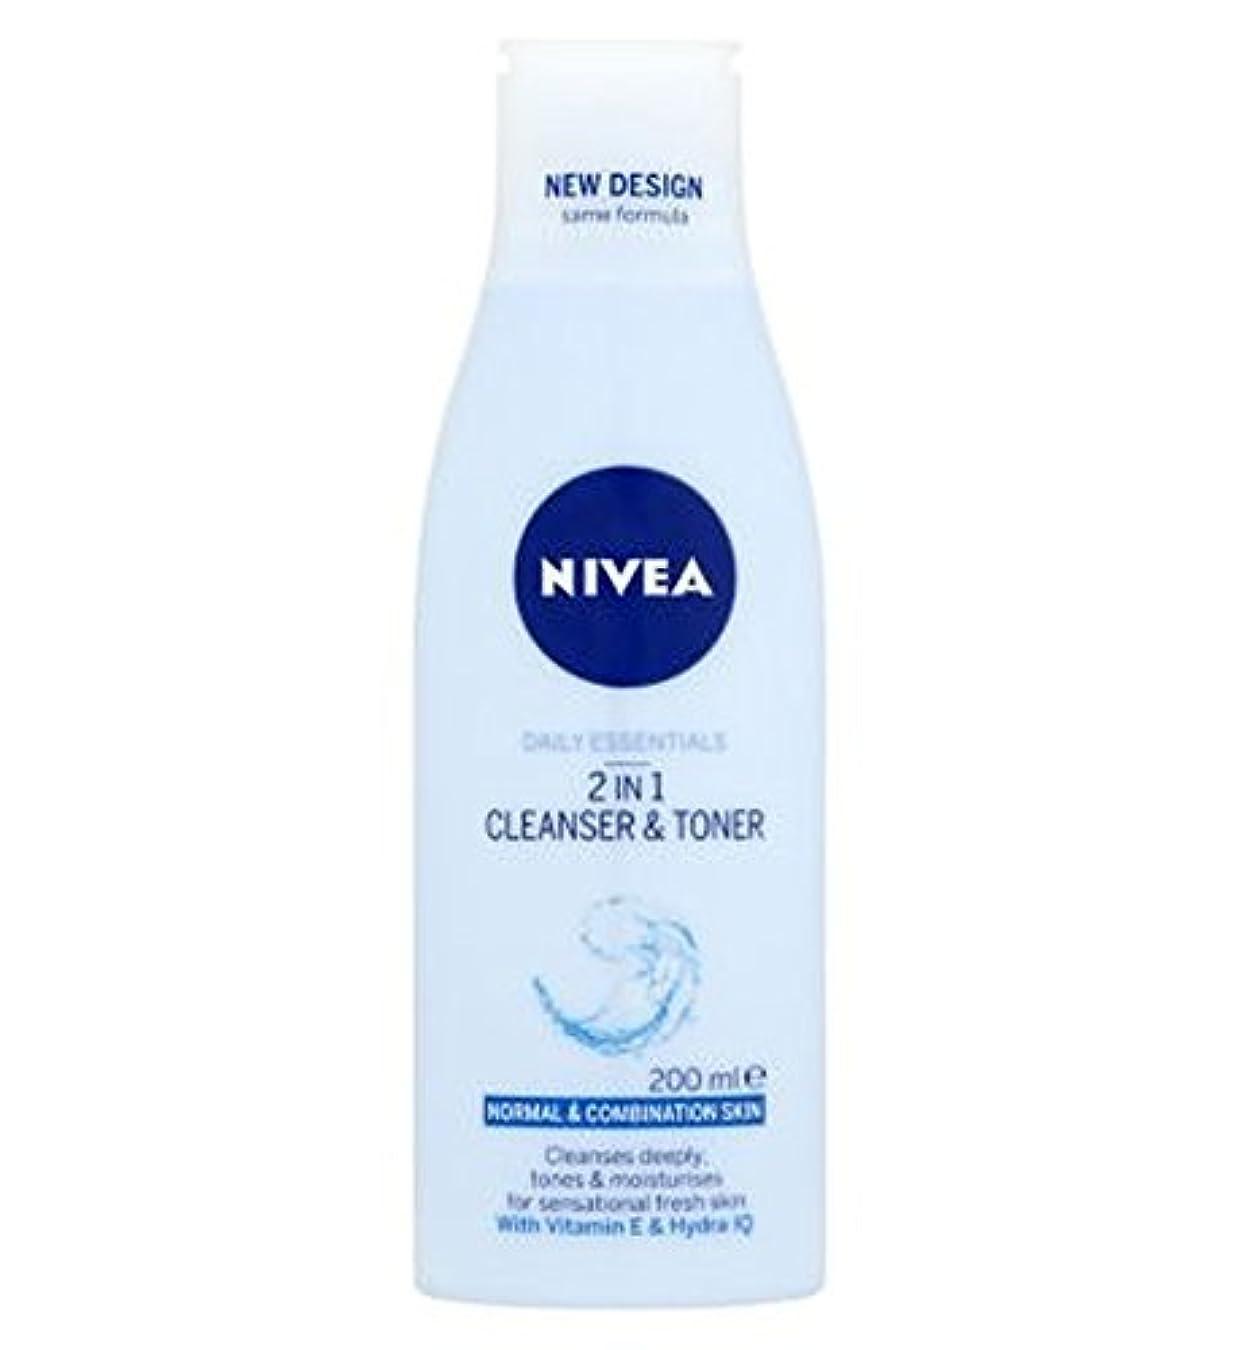 ビジター理論的弱まるニベア生活必需品2 1クレンザーとトナー200ミリリットルで (Nivea) (x2) - Nivea Daily Essentials 2 in 1 Cleanser and Toner 200ml (Pack of...